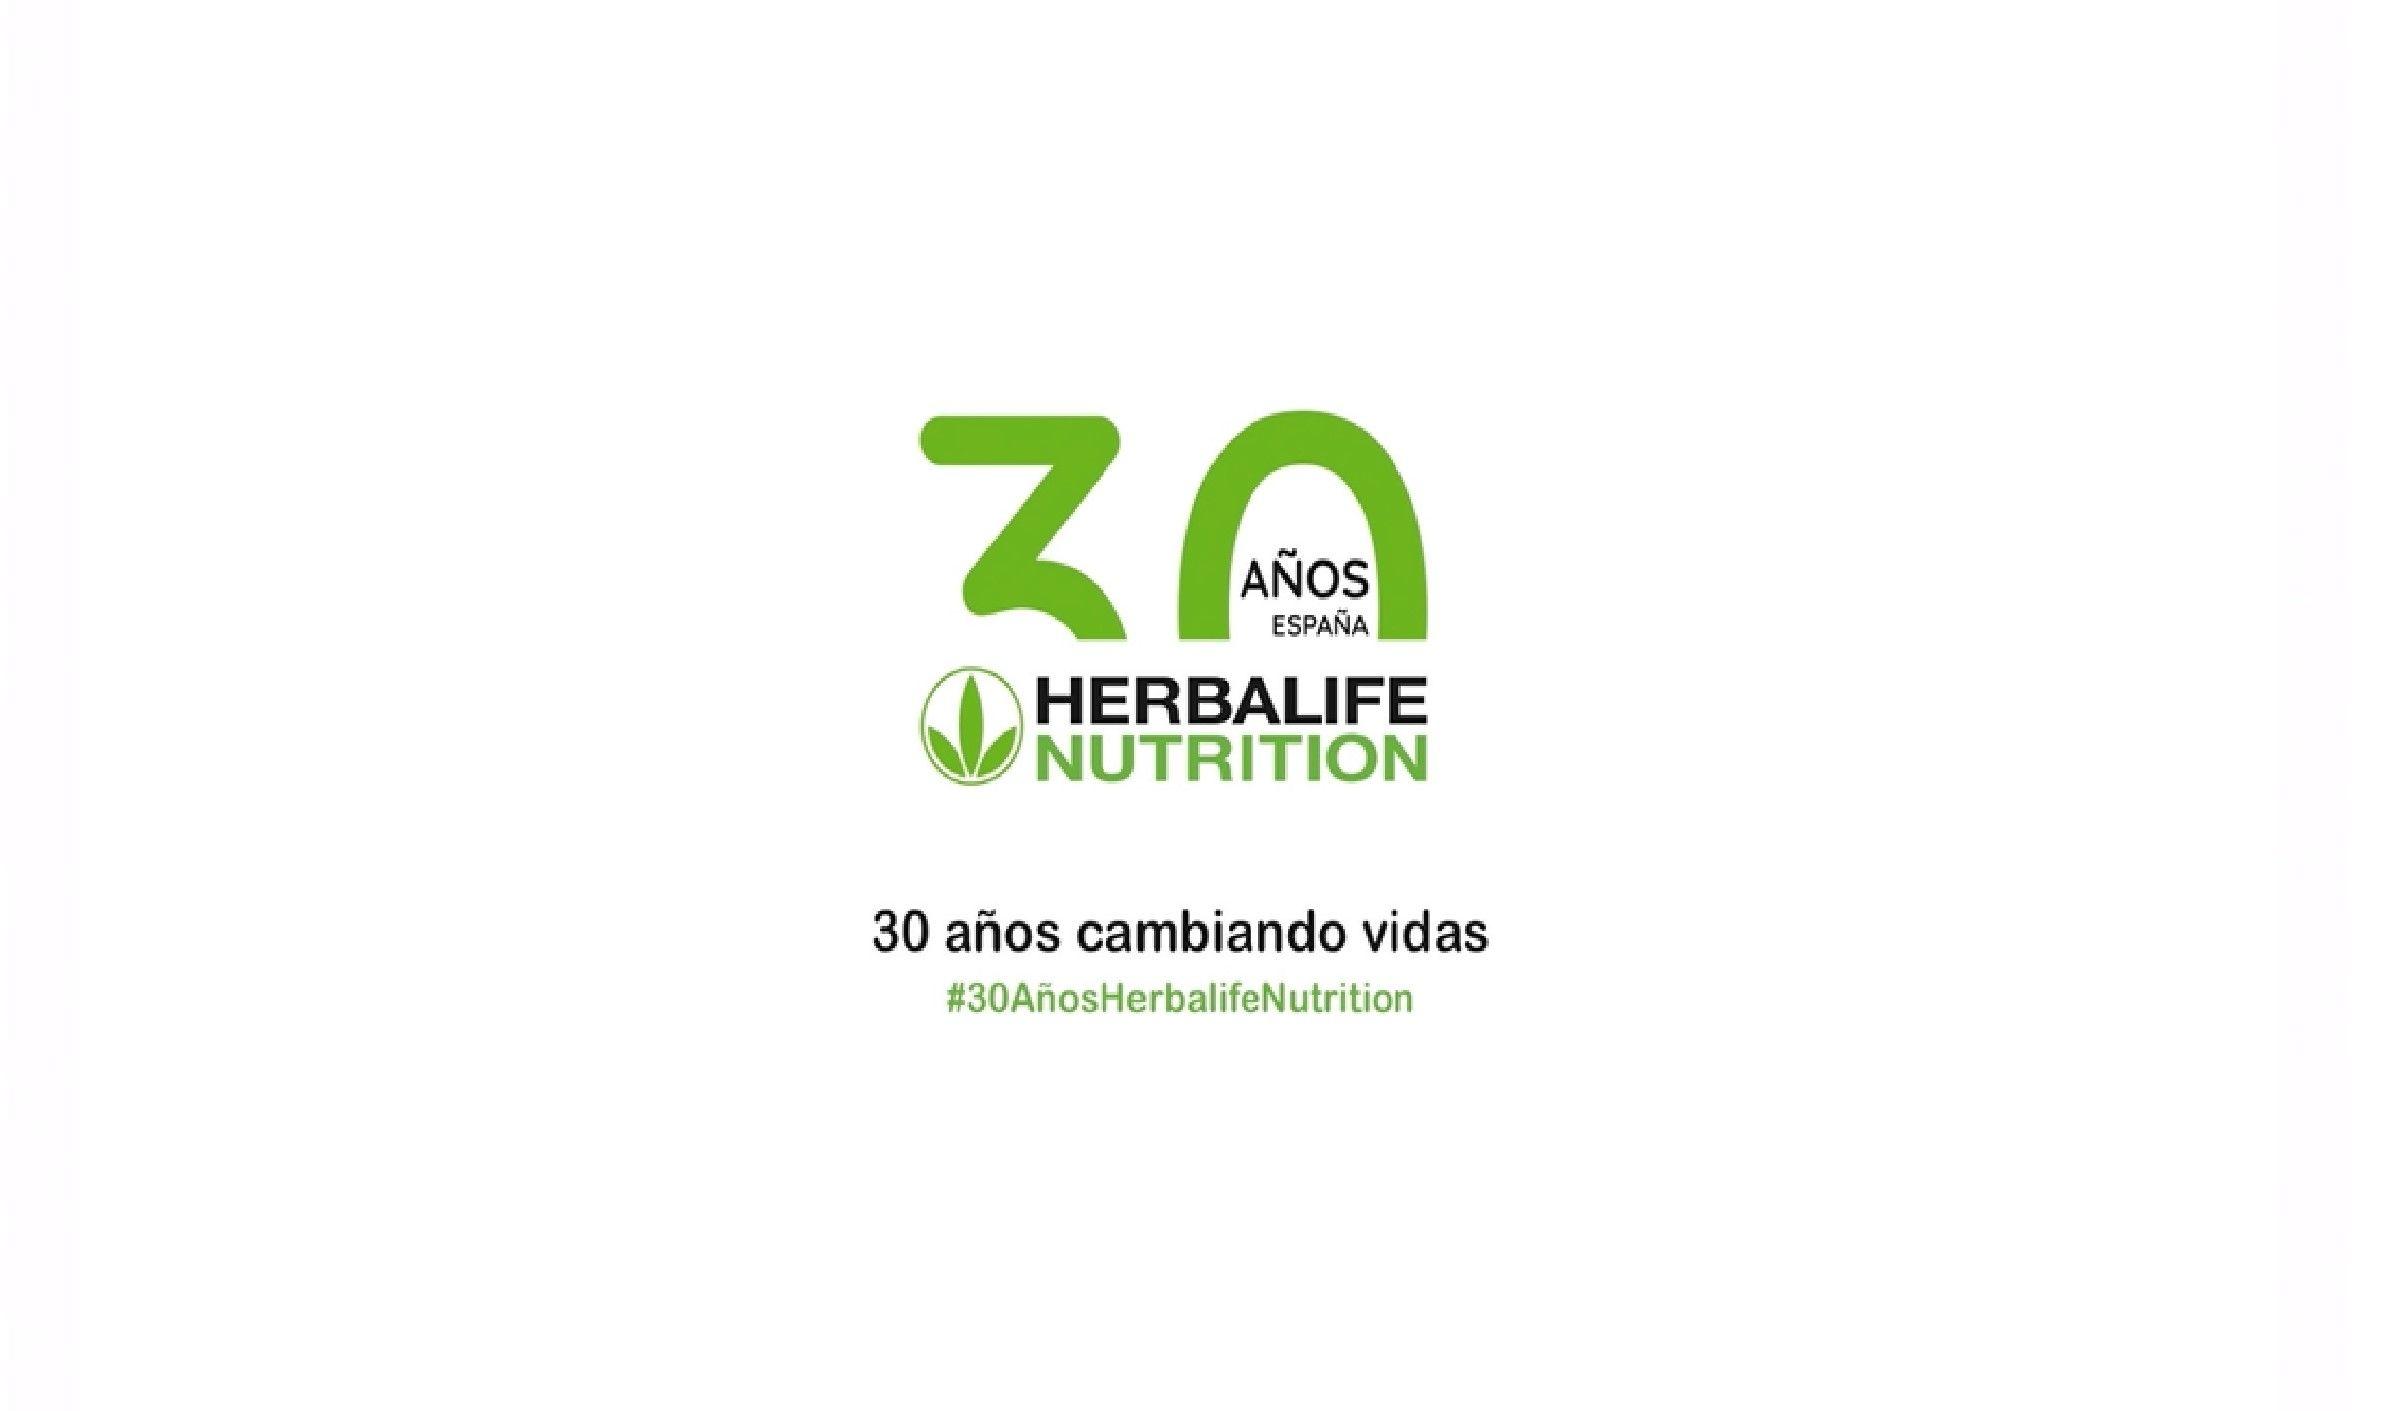 Fotografia 30 aniversario Herbalife Nutrition